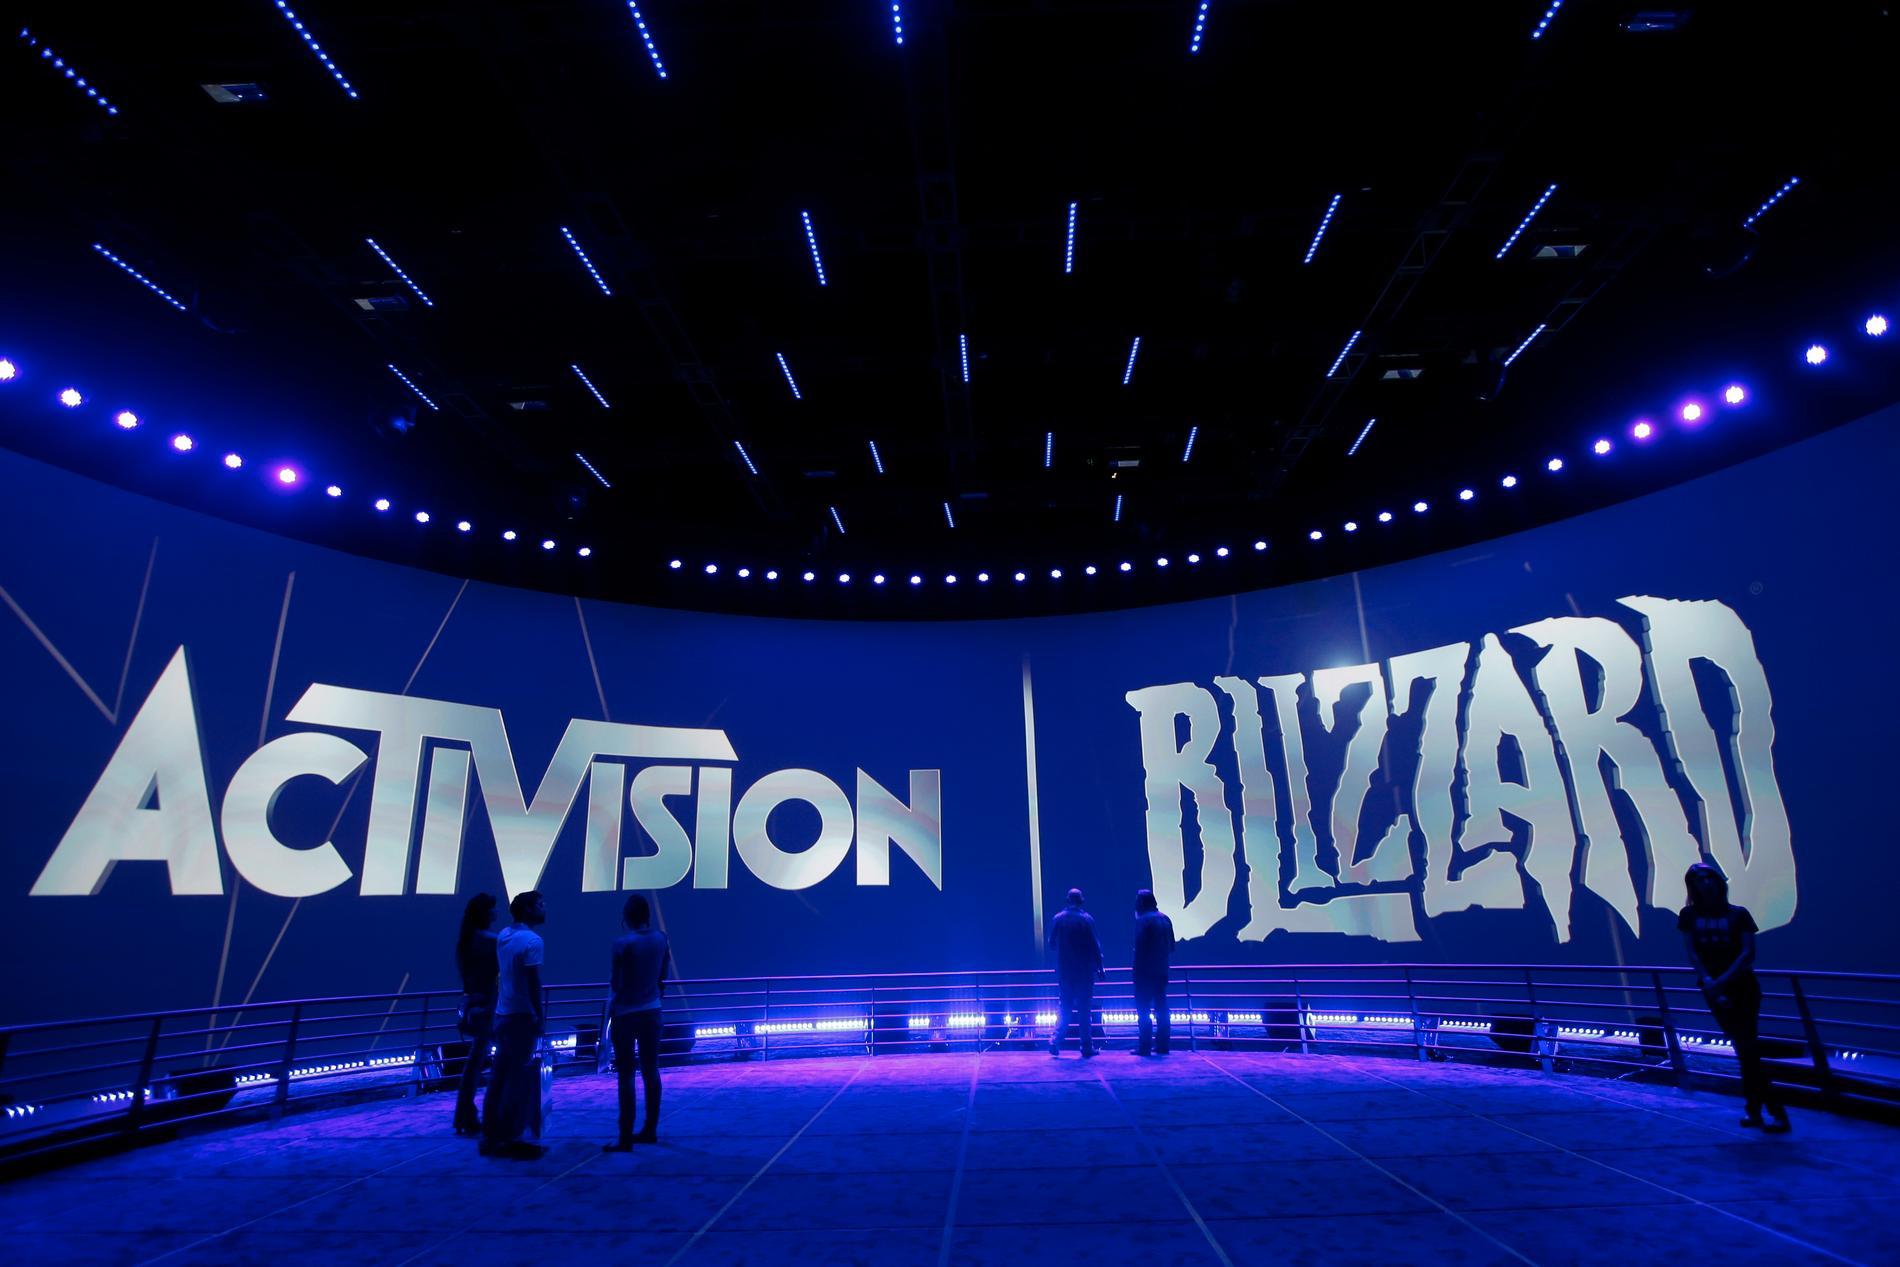 Speljätten Activision Blizzard är i blåsväder.